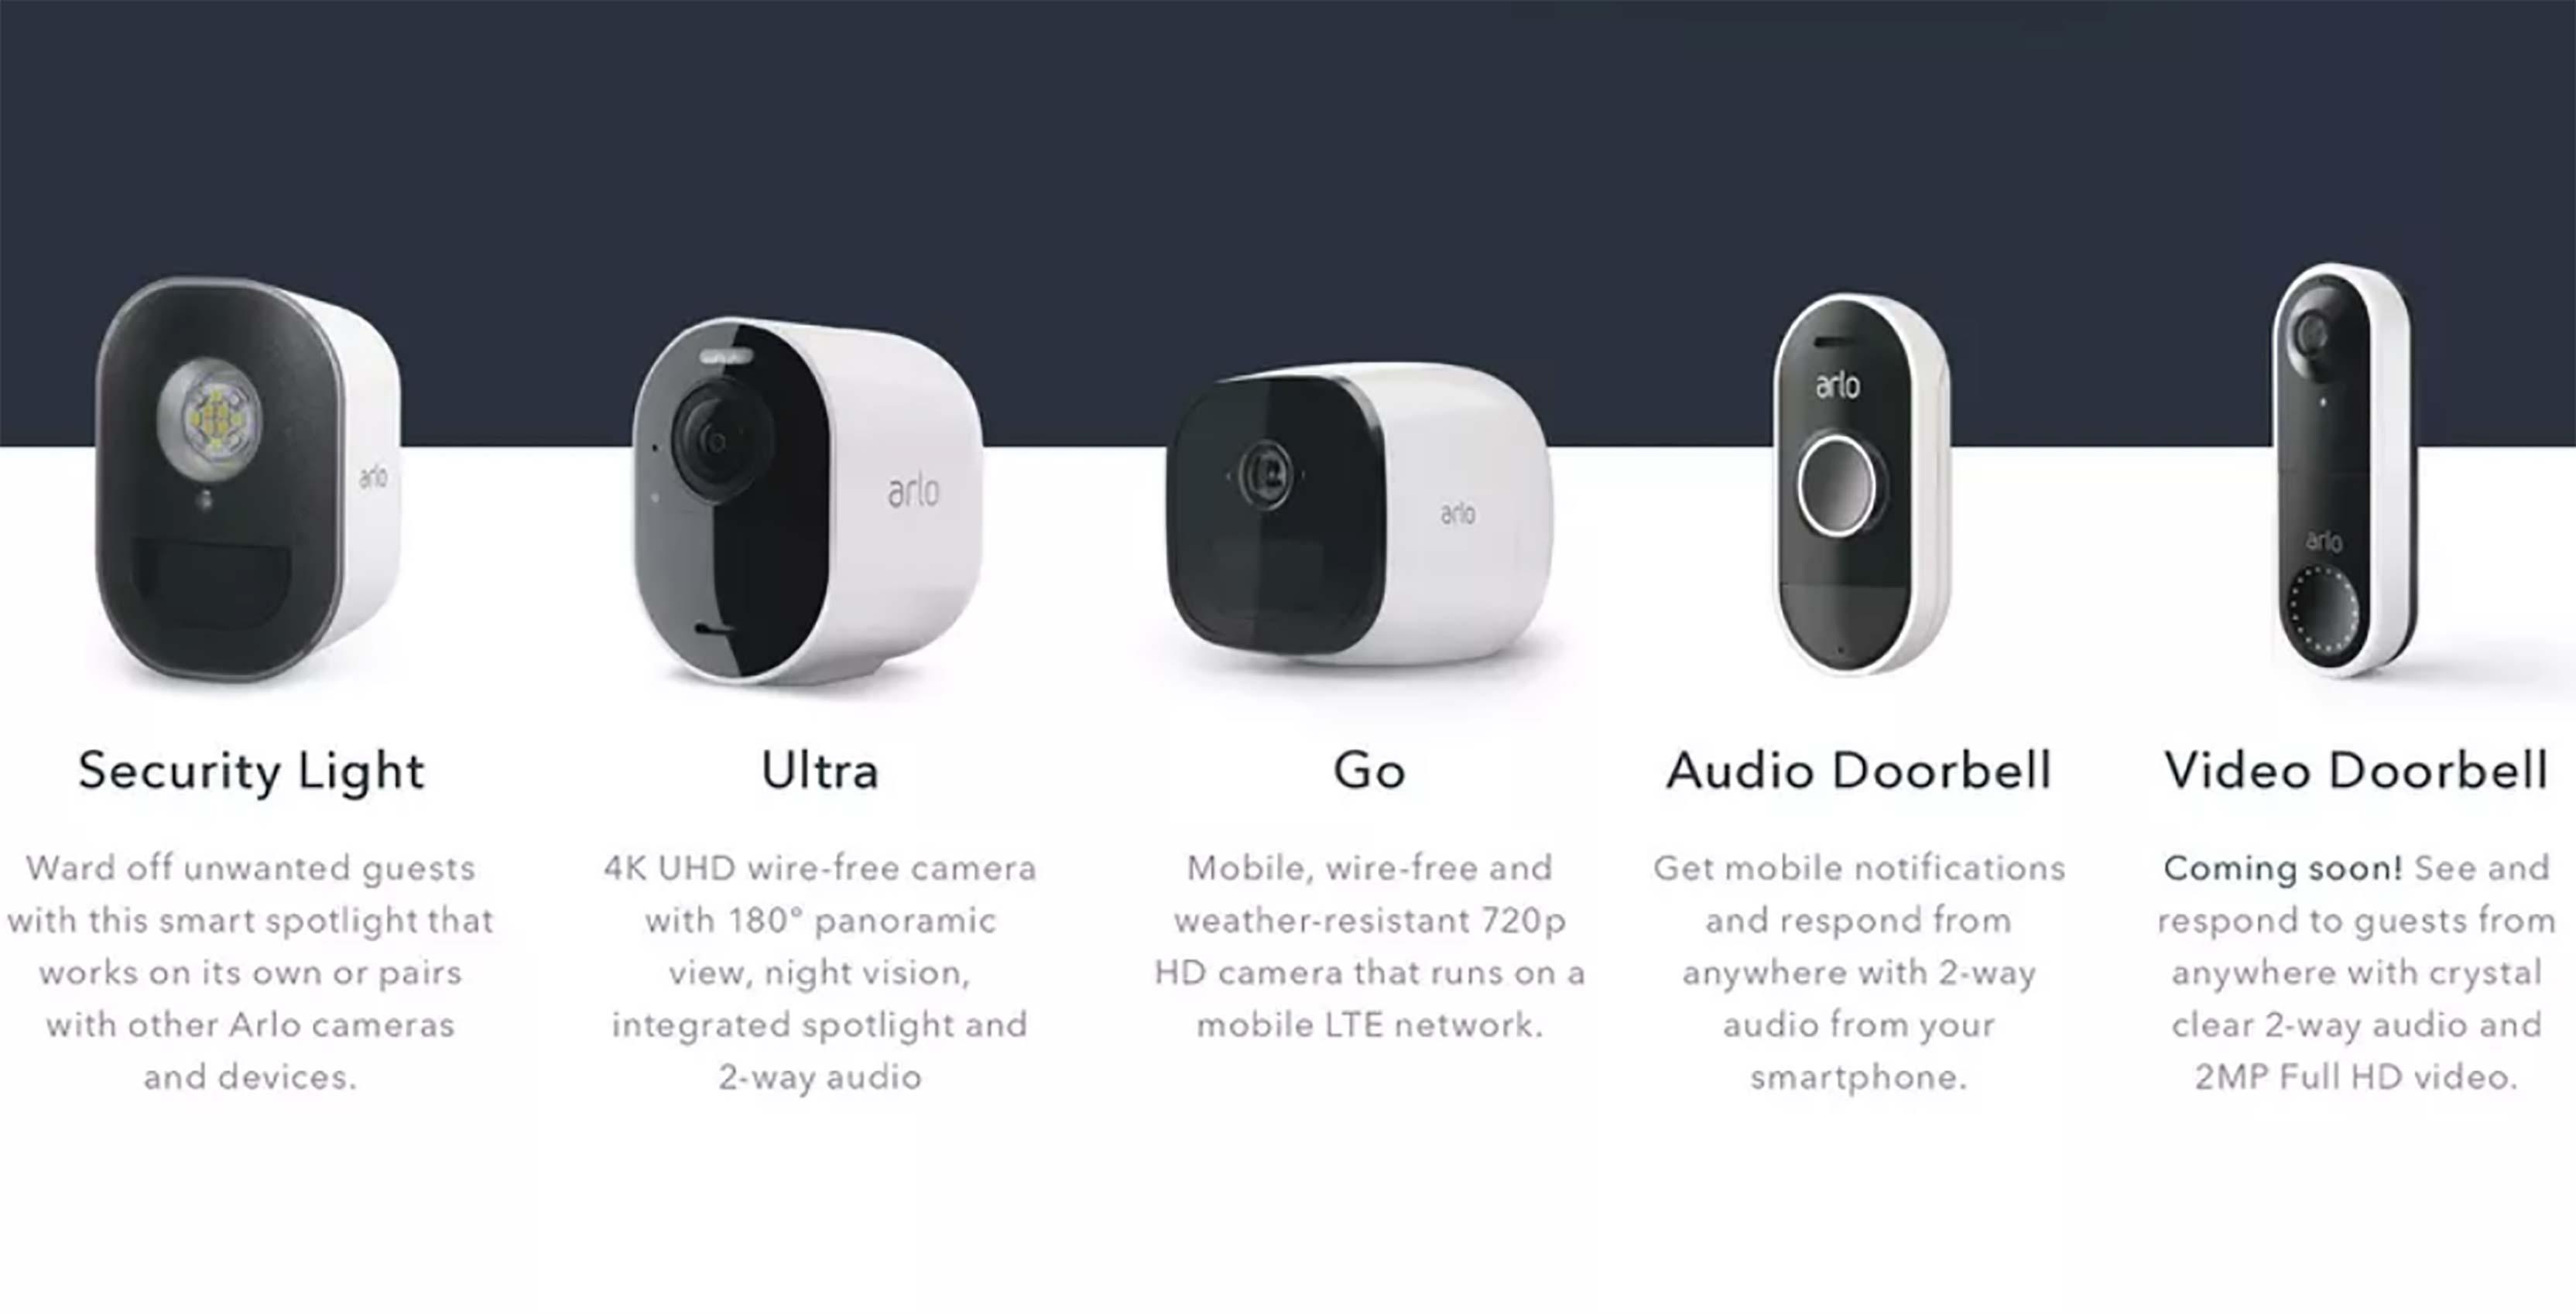 Arlo smart video doorbell